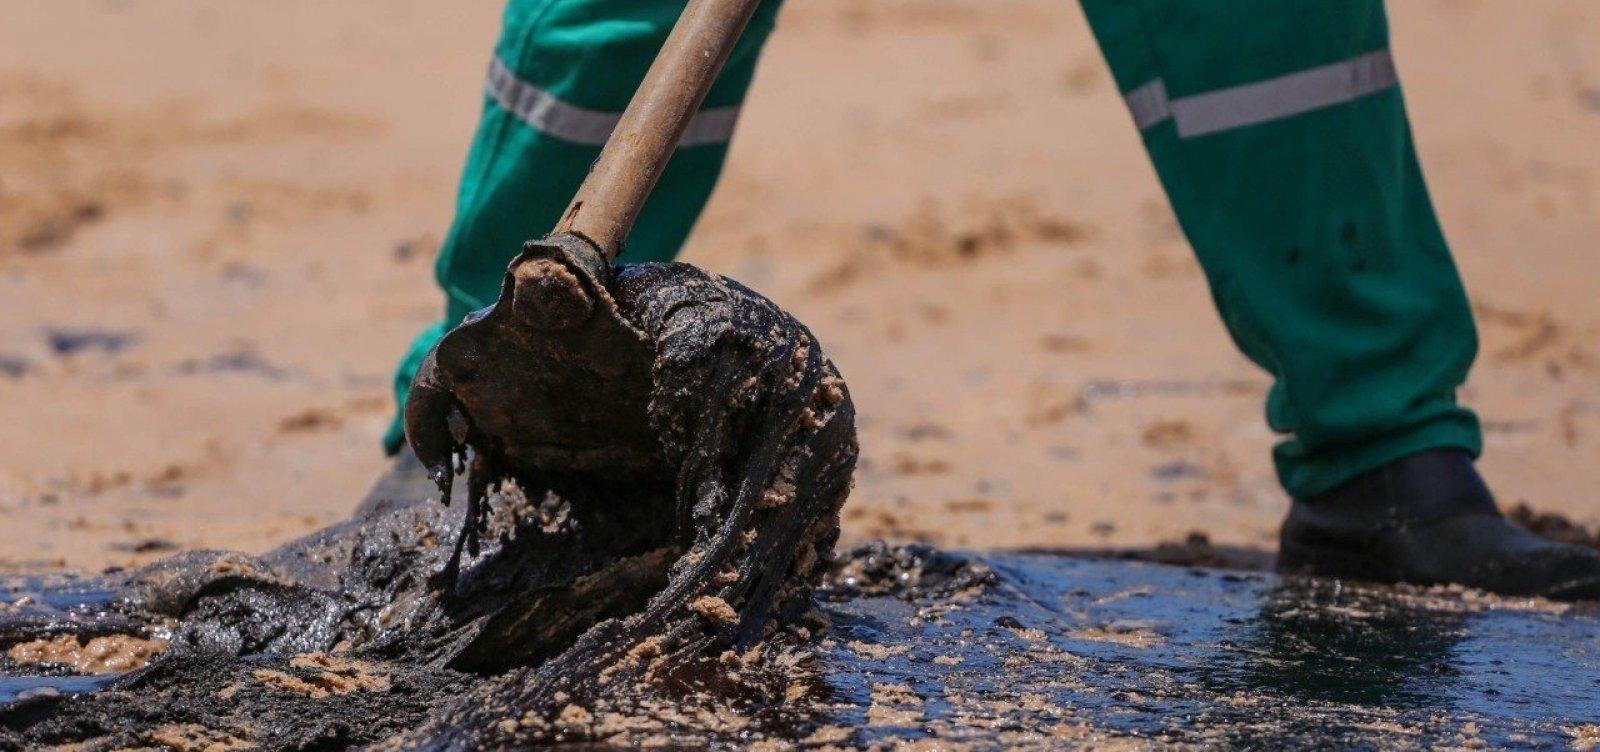 Cerca de 16 mil pescadores foram afetados por manchas de óleo, estima Bahia Pesca